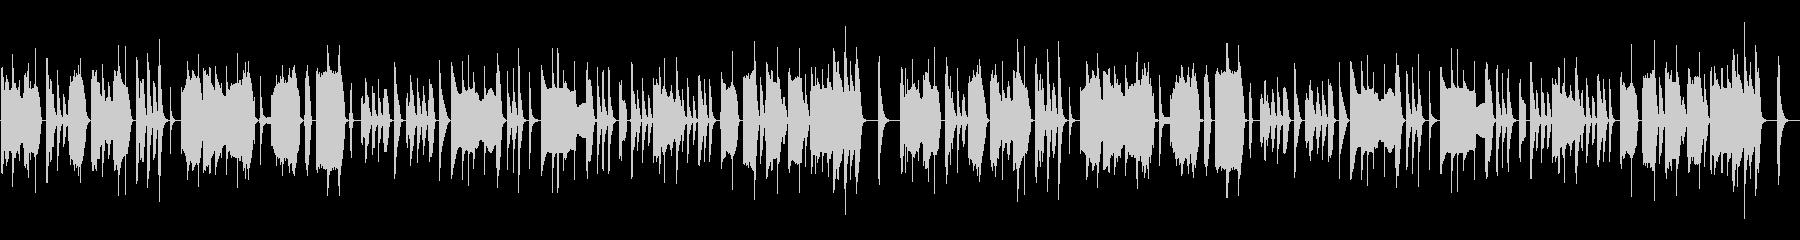 マヌケな脱力系の曲の未再生の波形